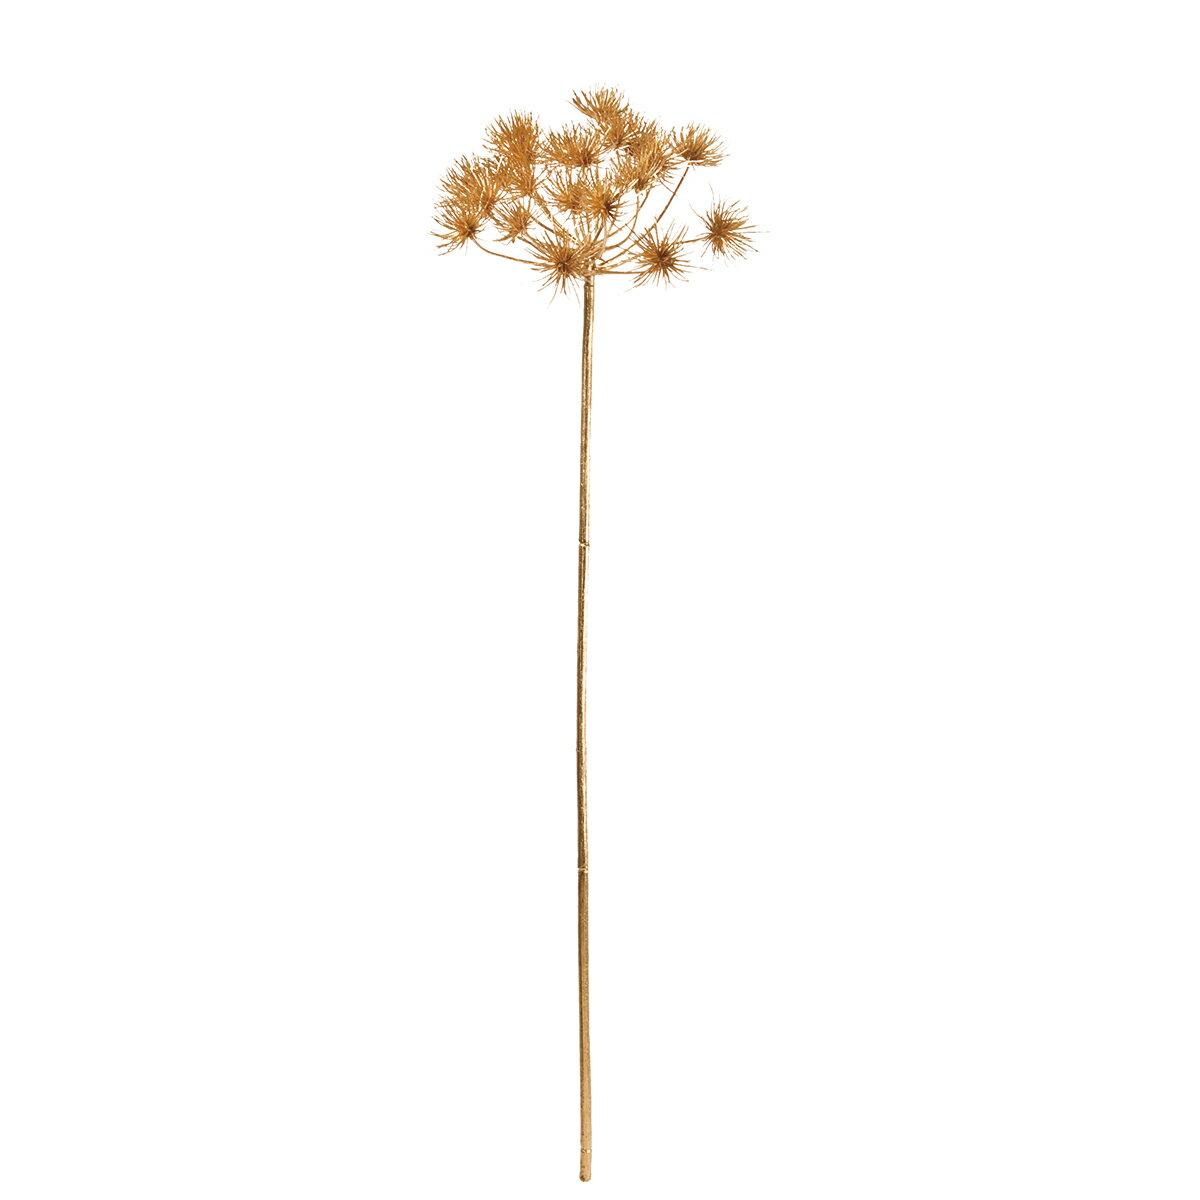 【造花】MAGIQ(東京堂)/ゴールドディルフラワー GOLD /FJ003909【01】【取寄】《 造花(アーティフィシャルフラワー) 造花葉物、フェイクグリーン その他の造花葉物・フェイクグリーン 》